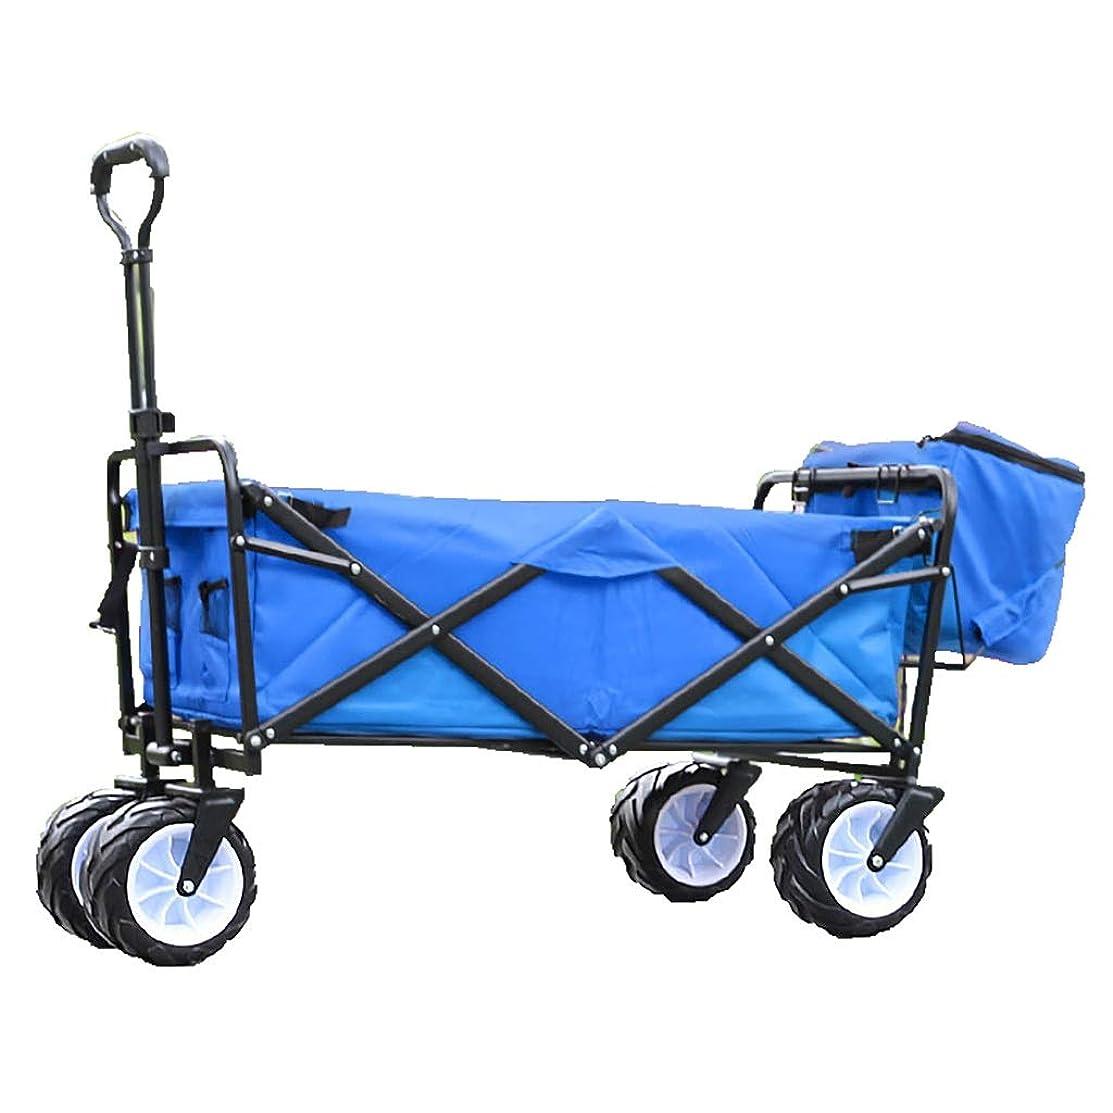 出力摂氏十分ではない折りたたみビーチワゴン 収穫台車?キャリー 折り畳み式トロリー 多機能ショッピングカート 家庭 アウトドア キャンプ ビーチ スーパーマーケット 釣り 4輪 ポータブルプルトラック 小型運搬車 (Color : Blue)